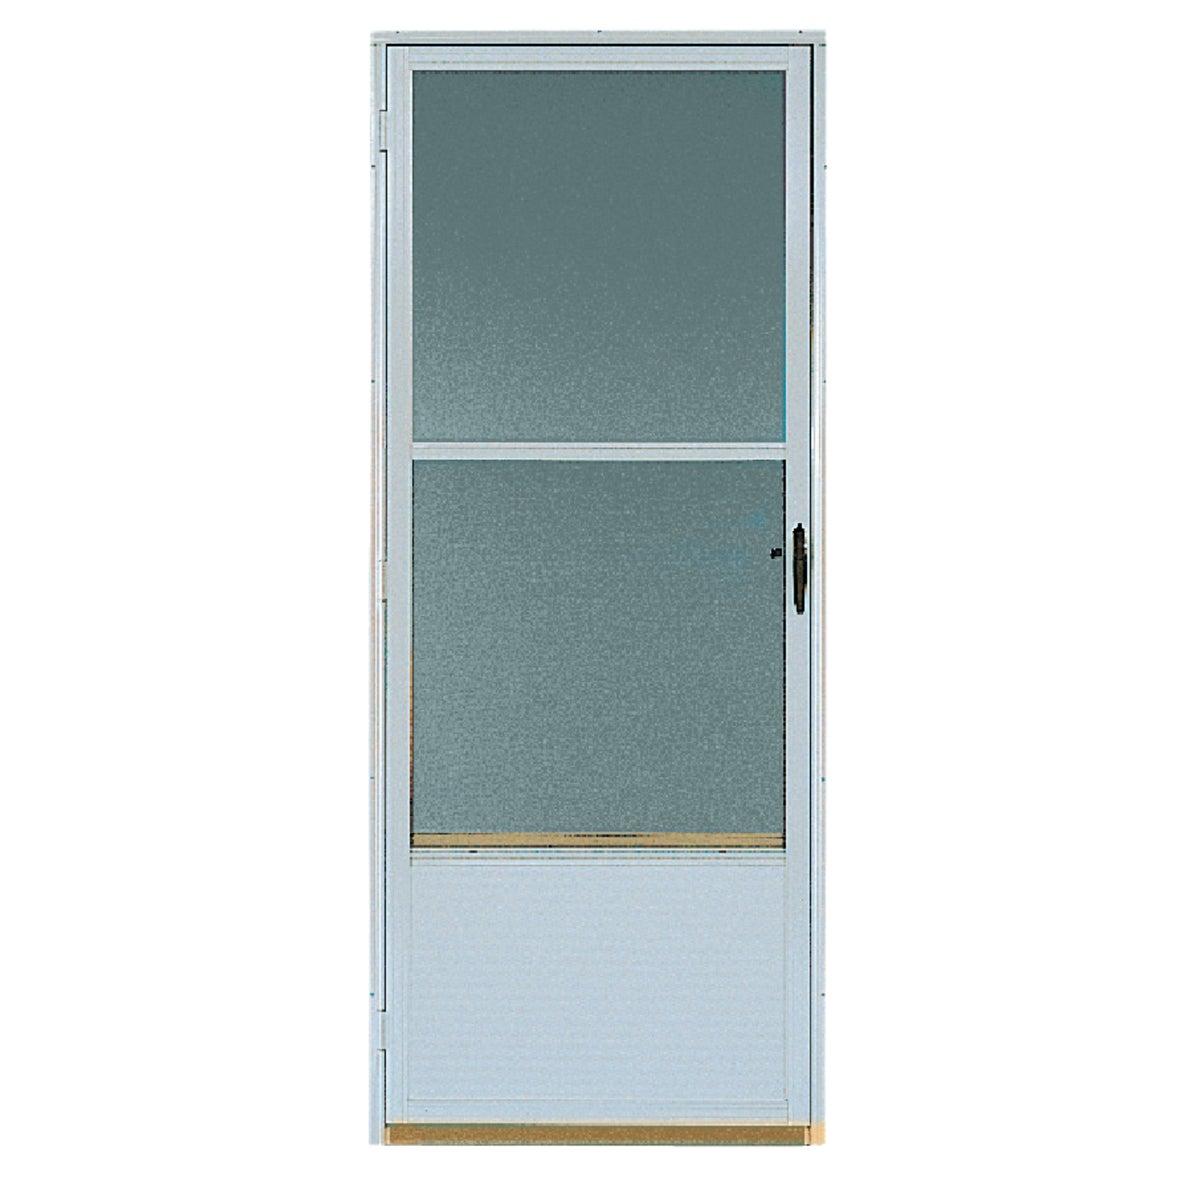 563 2868 RH WHT DOOR